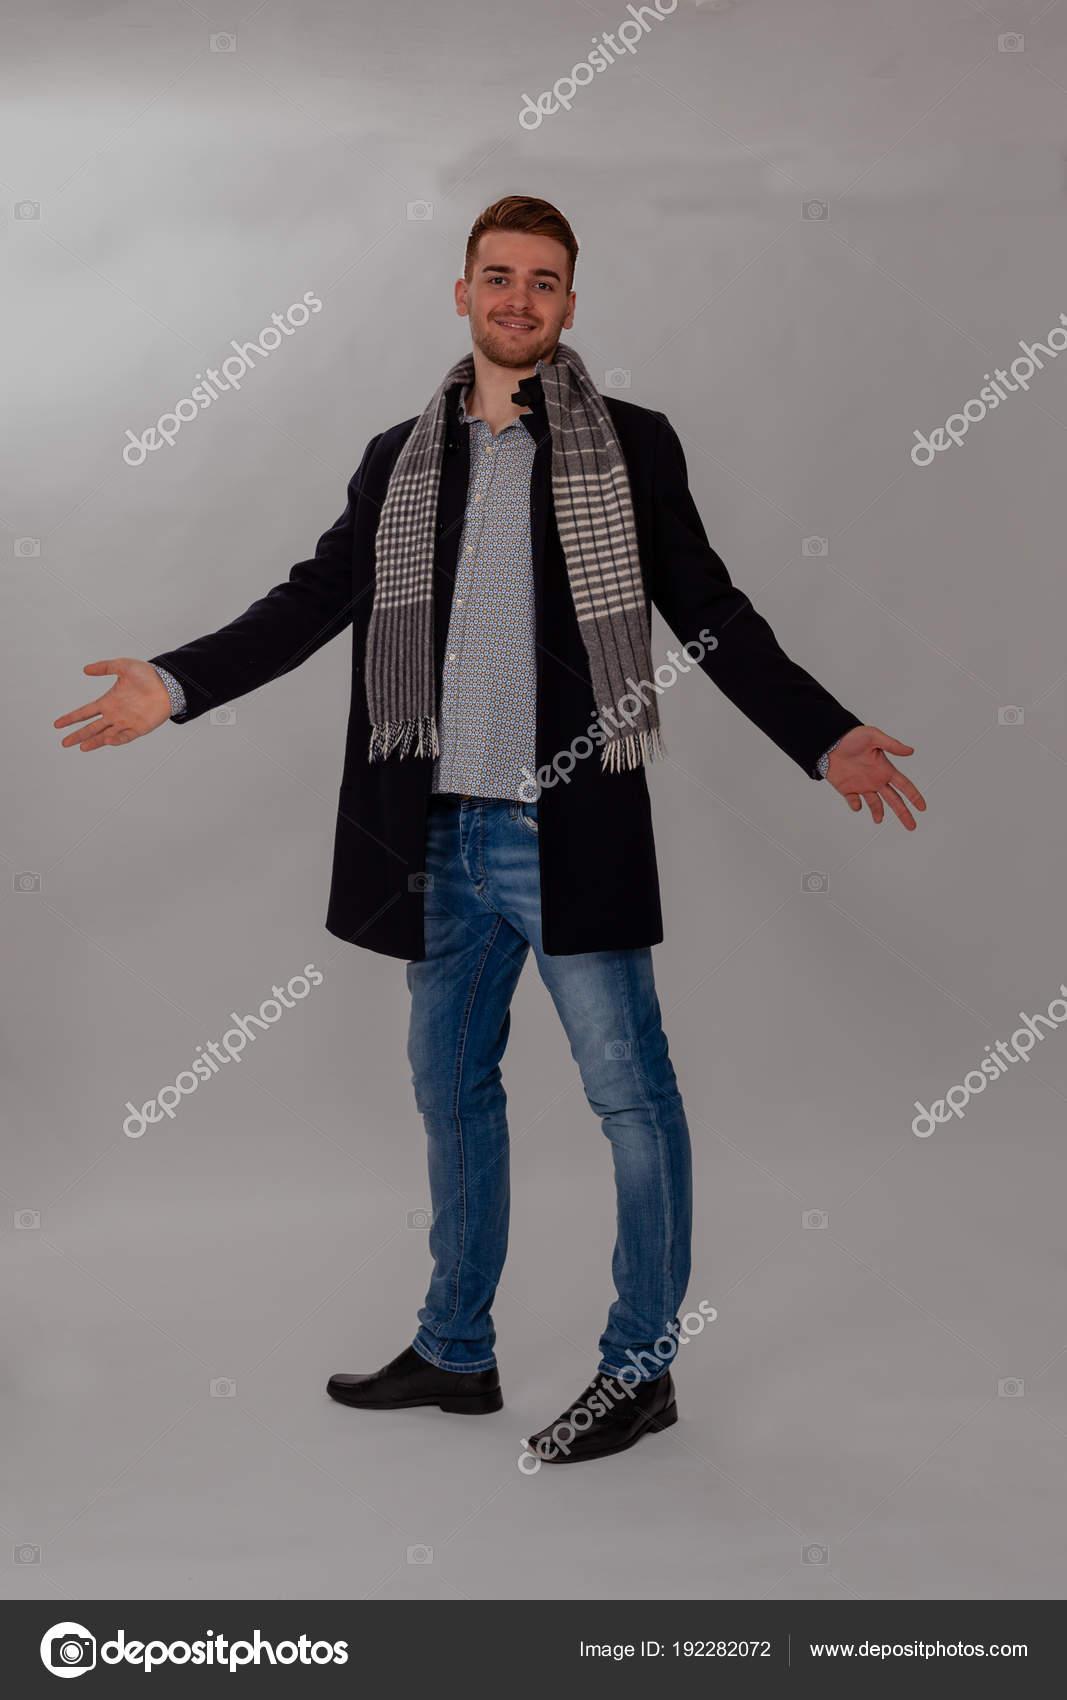 Jeune homme avec manteau et écharpe - studio shot– images de stock libres  de droits 0eaa9a75d48